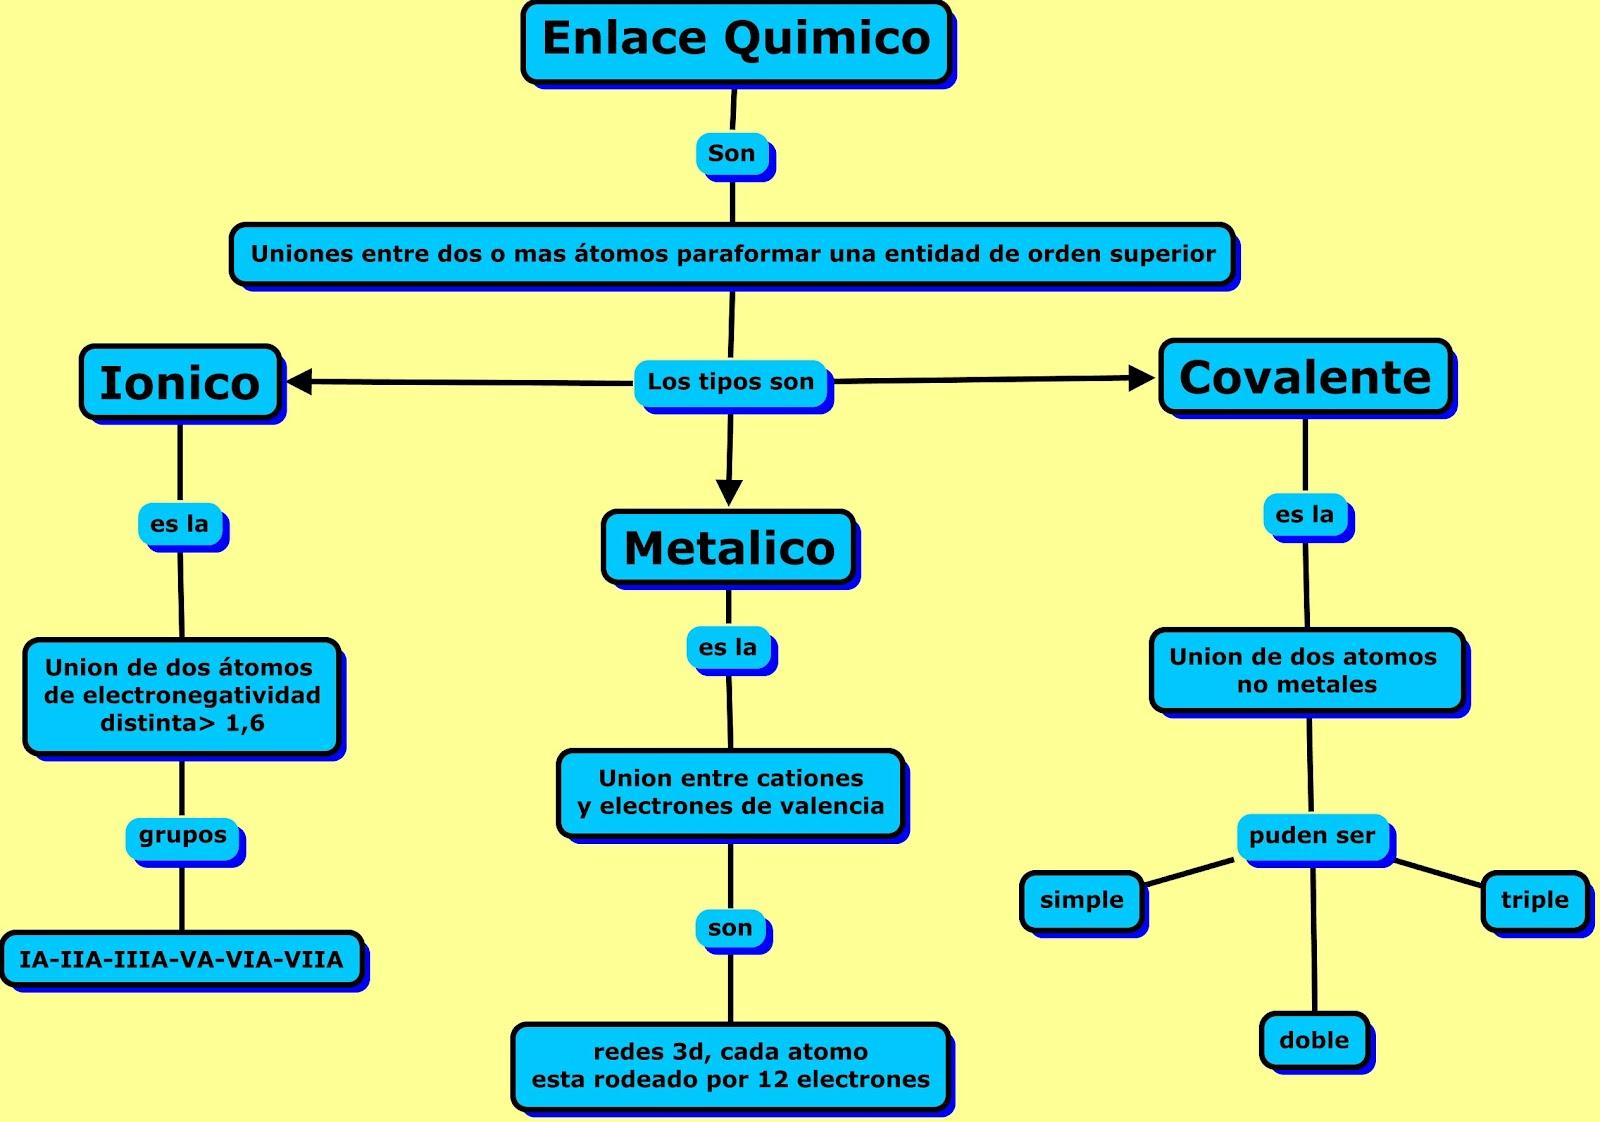 Qu relacin existe entre enlac qu relacin existe entre configuracin electrnica y enlace qumico urtaz Images